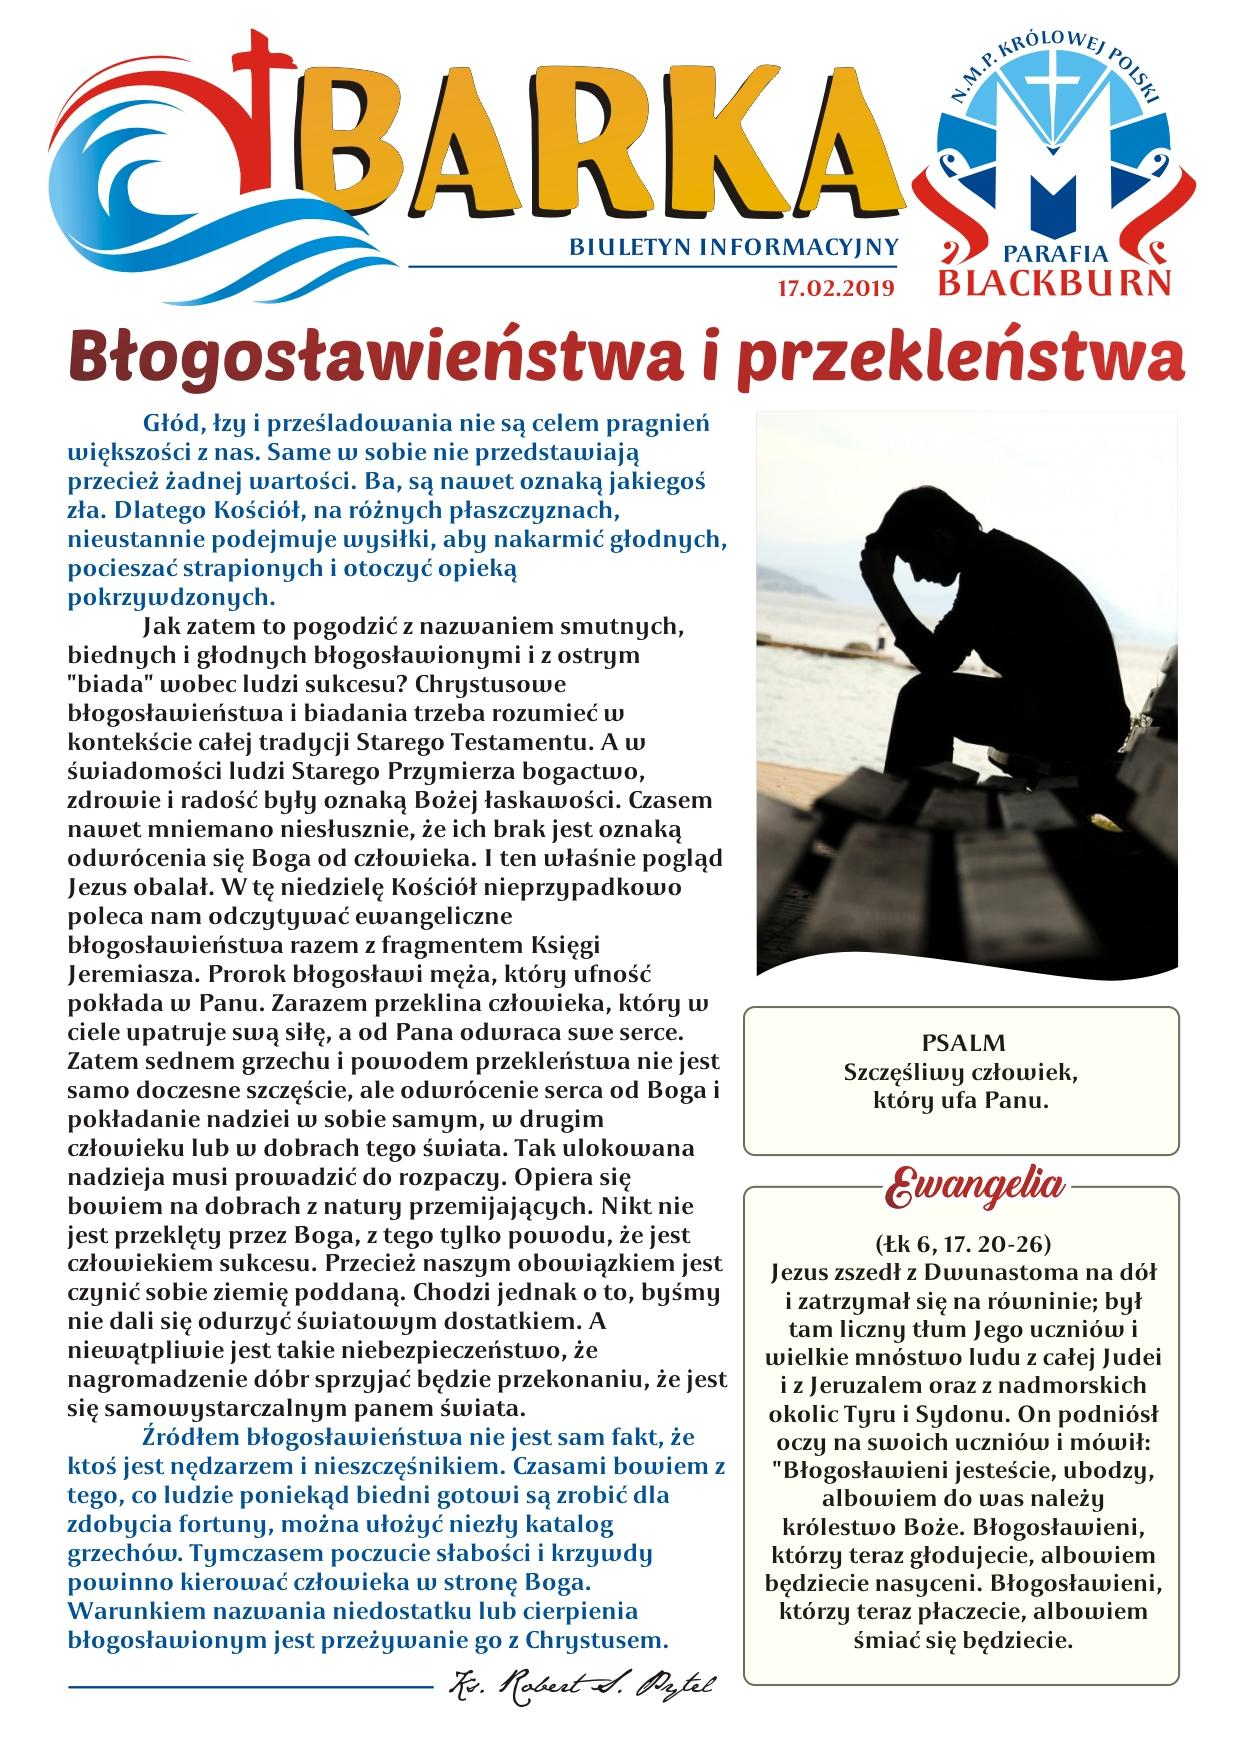 Biuletyn Informacyjny BARKA